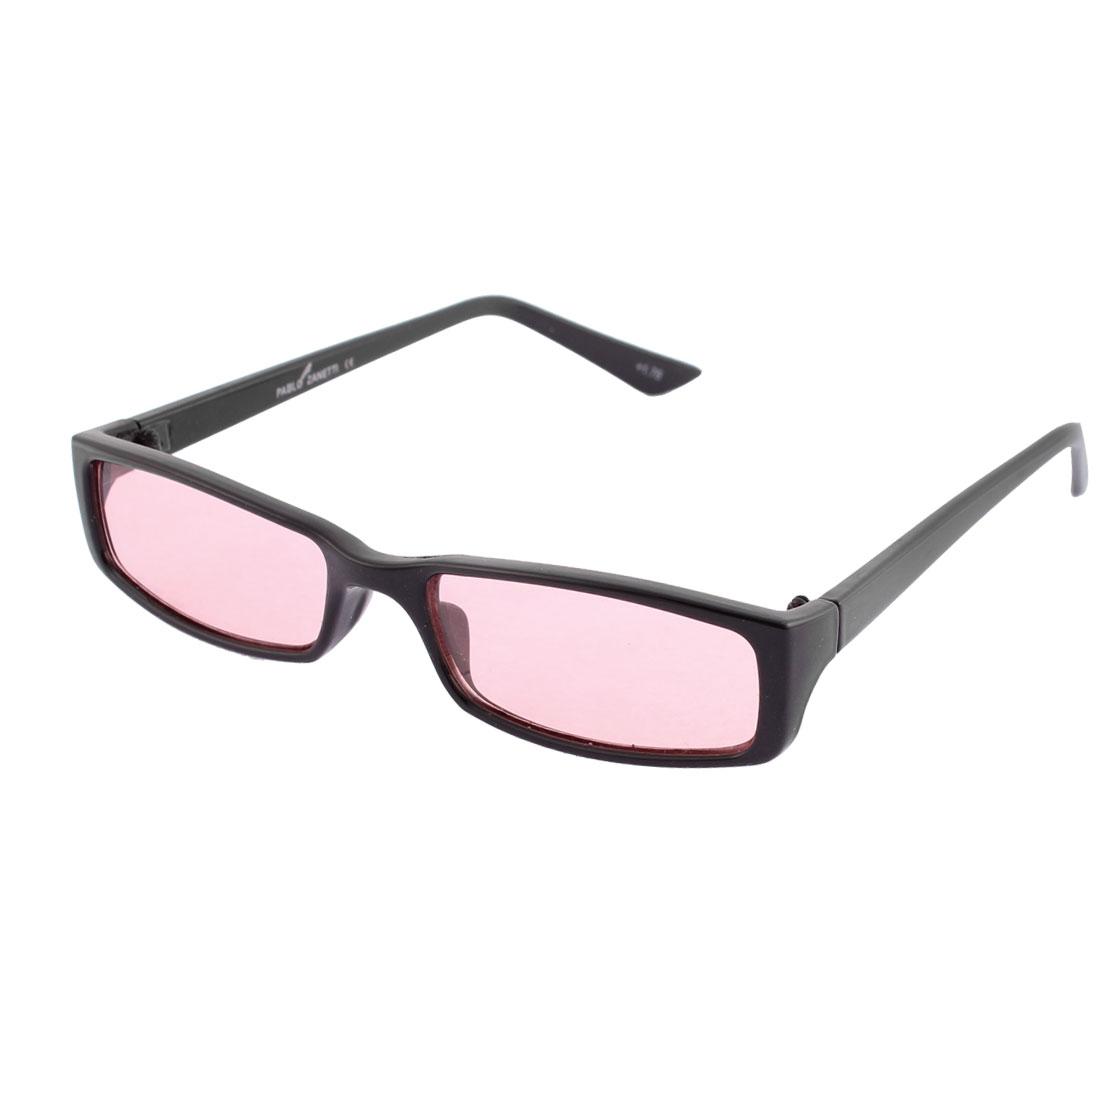 Plastic Black Full Frame Single Bridge Red Lens Eyes Protector Sunglasses